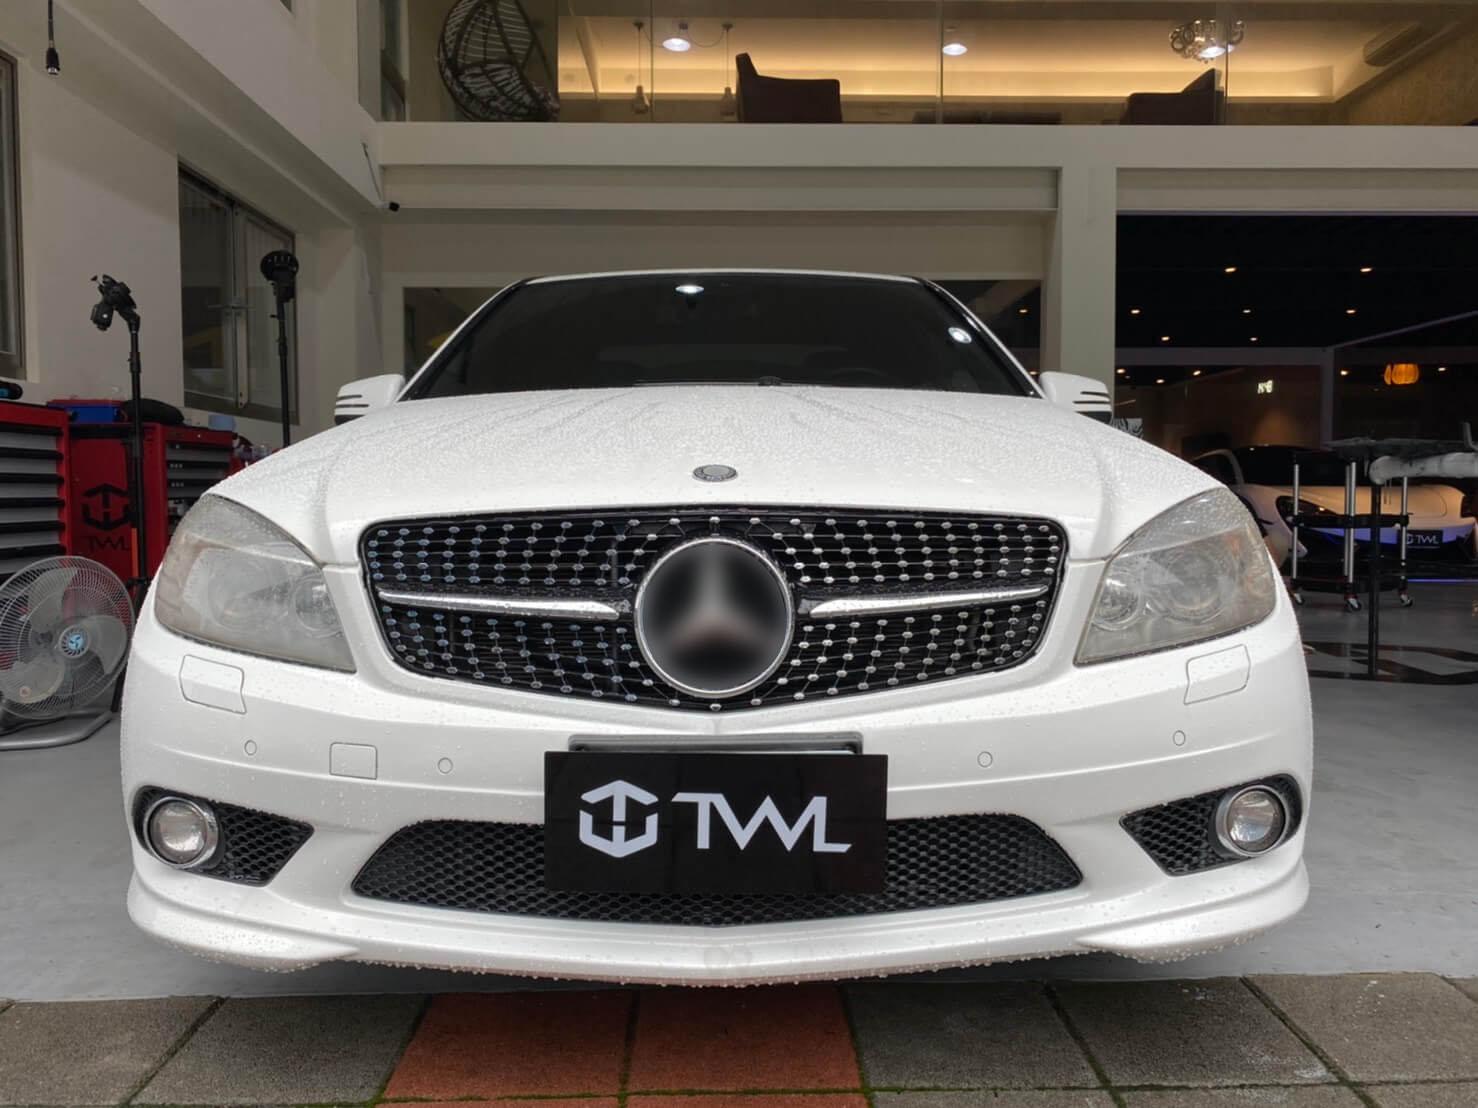 TWL-BENZ W204  C200 C300 AMG C63 C-Class-Grille